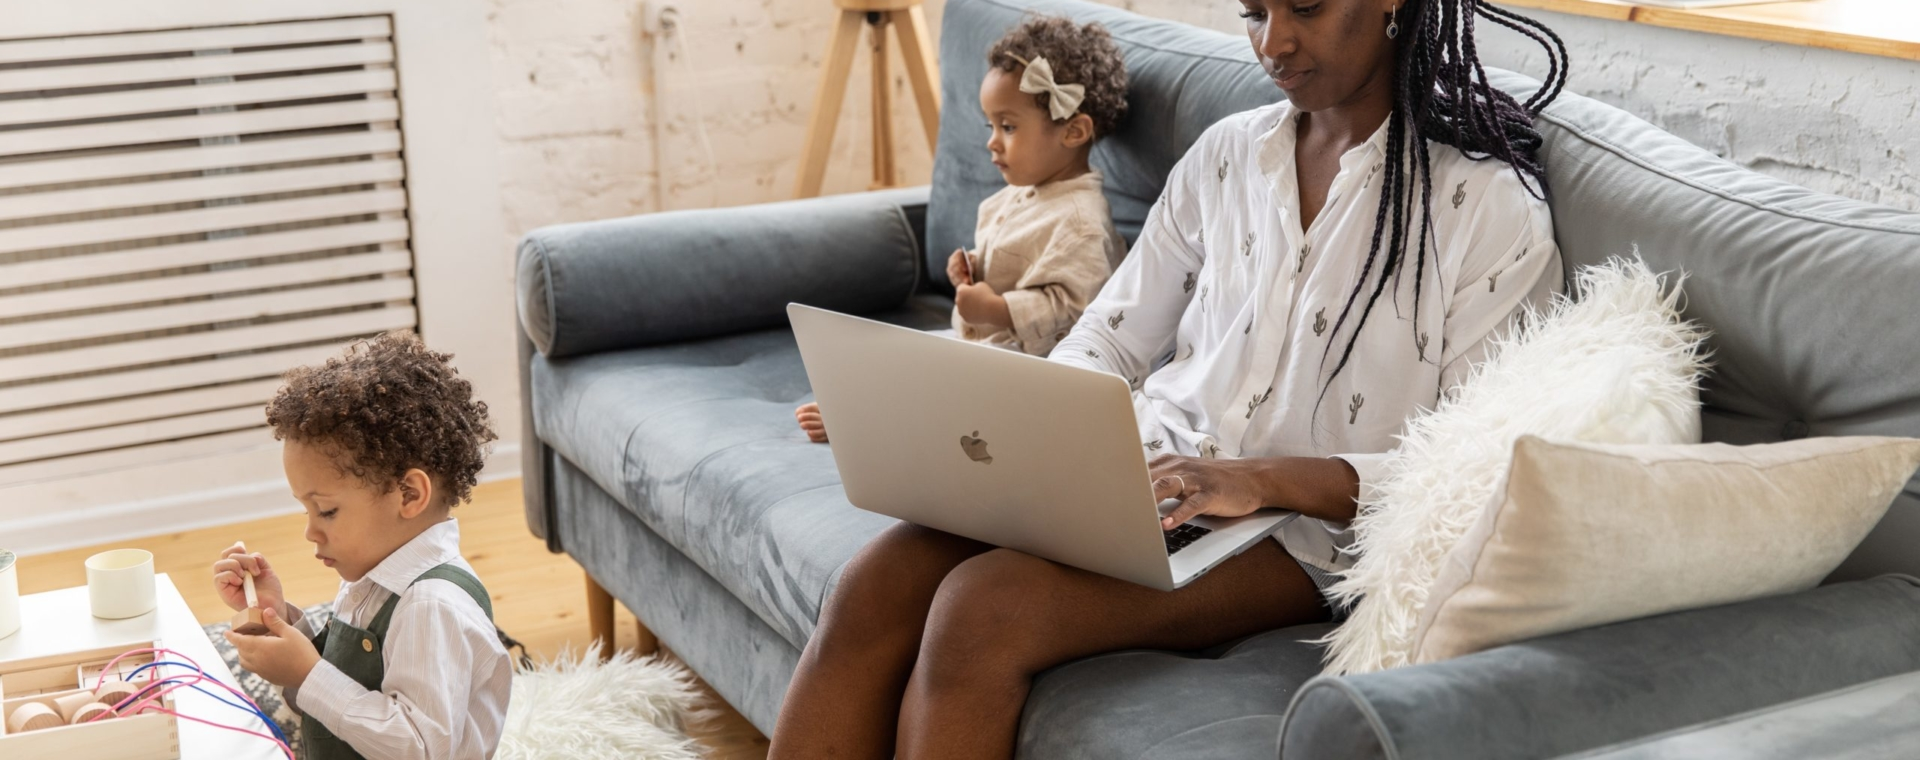 Obraz kobiety pracującej w domu z dziećmi